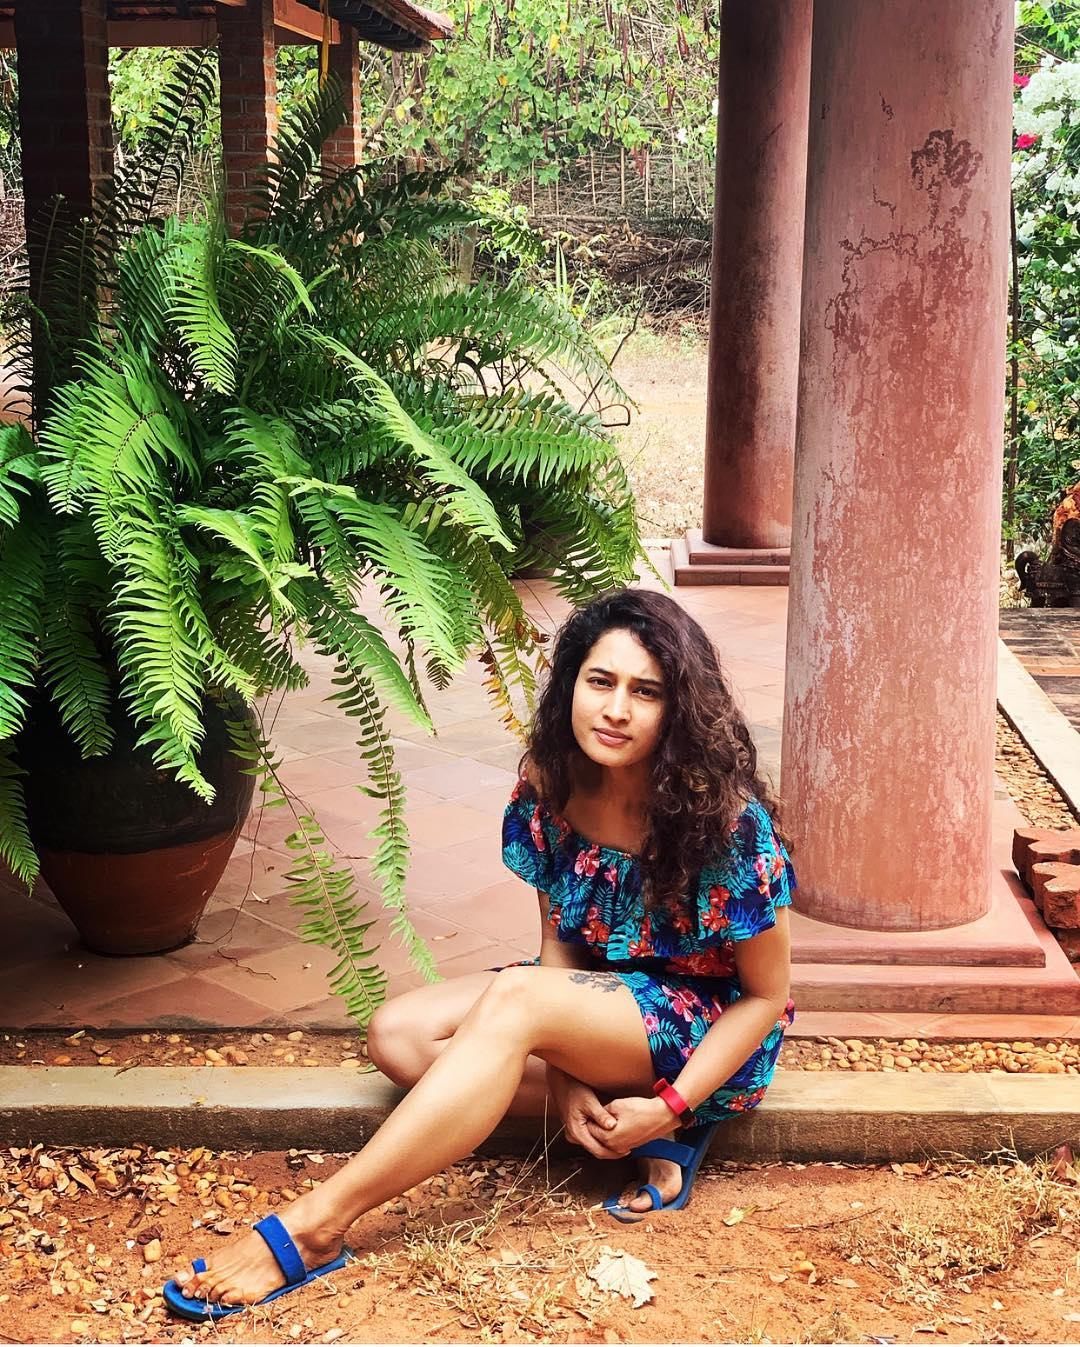 బిగ్బాస్ బ్యూటీ పూజా రామచంద్రన్ లేటెస్ట్ పిక్స్ Photo : Instagram//pooja_ramachandran